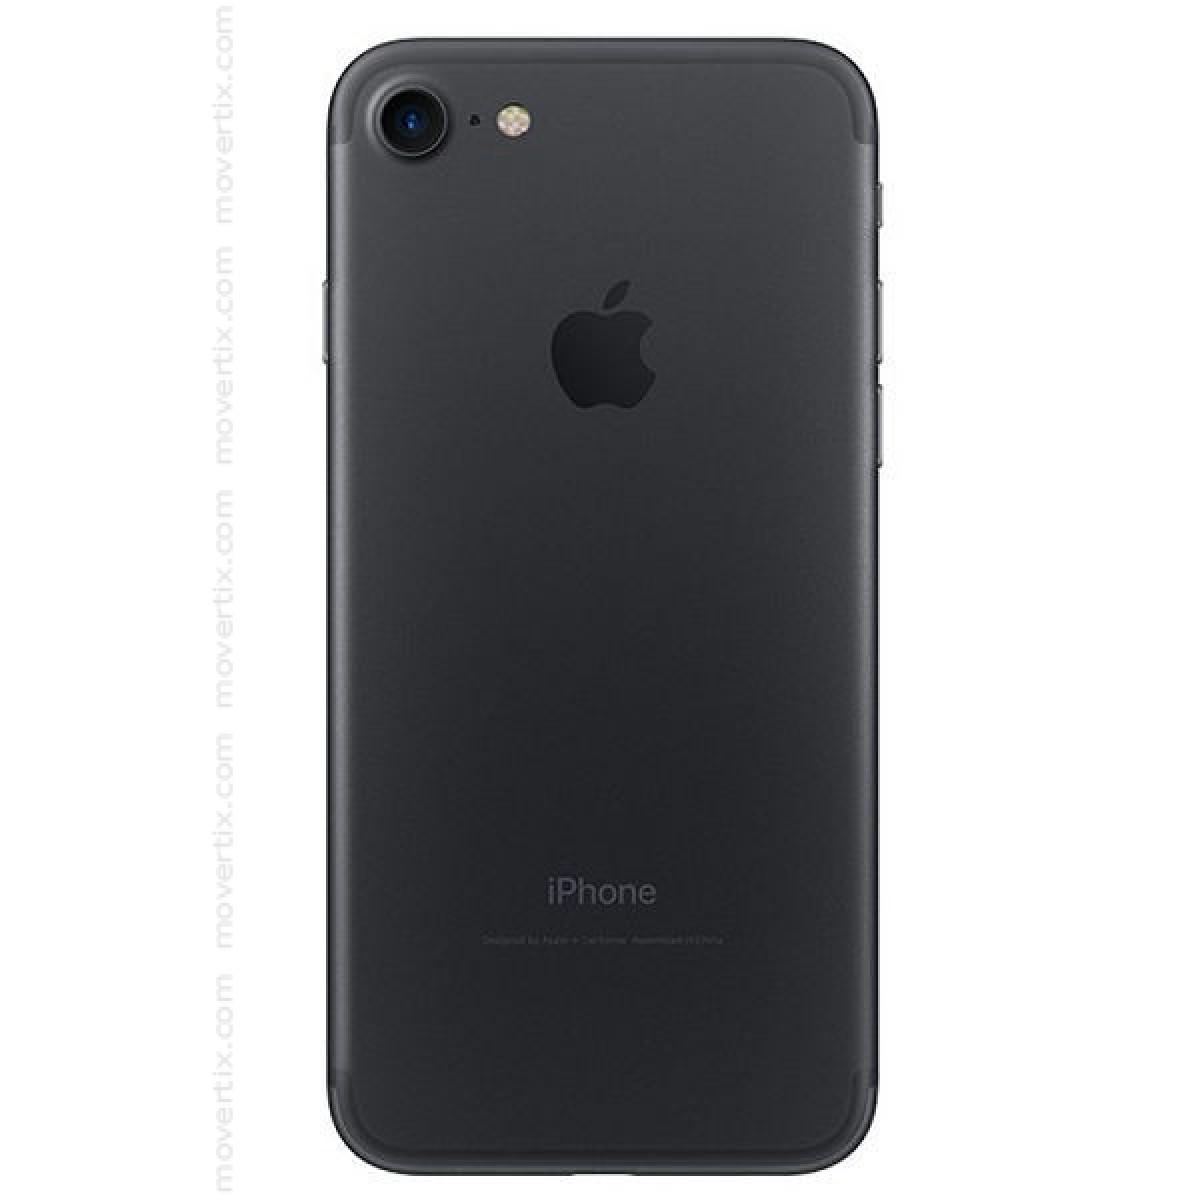 iphone al miglior prezzo